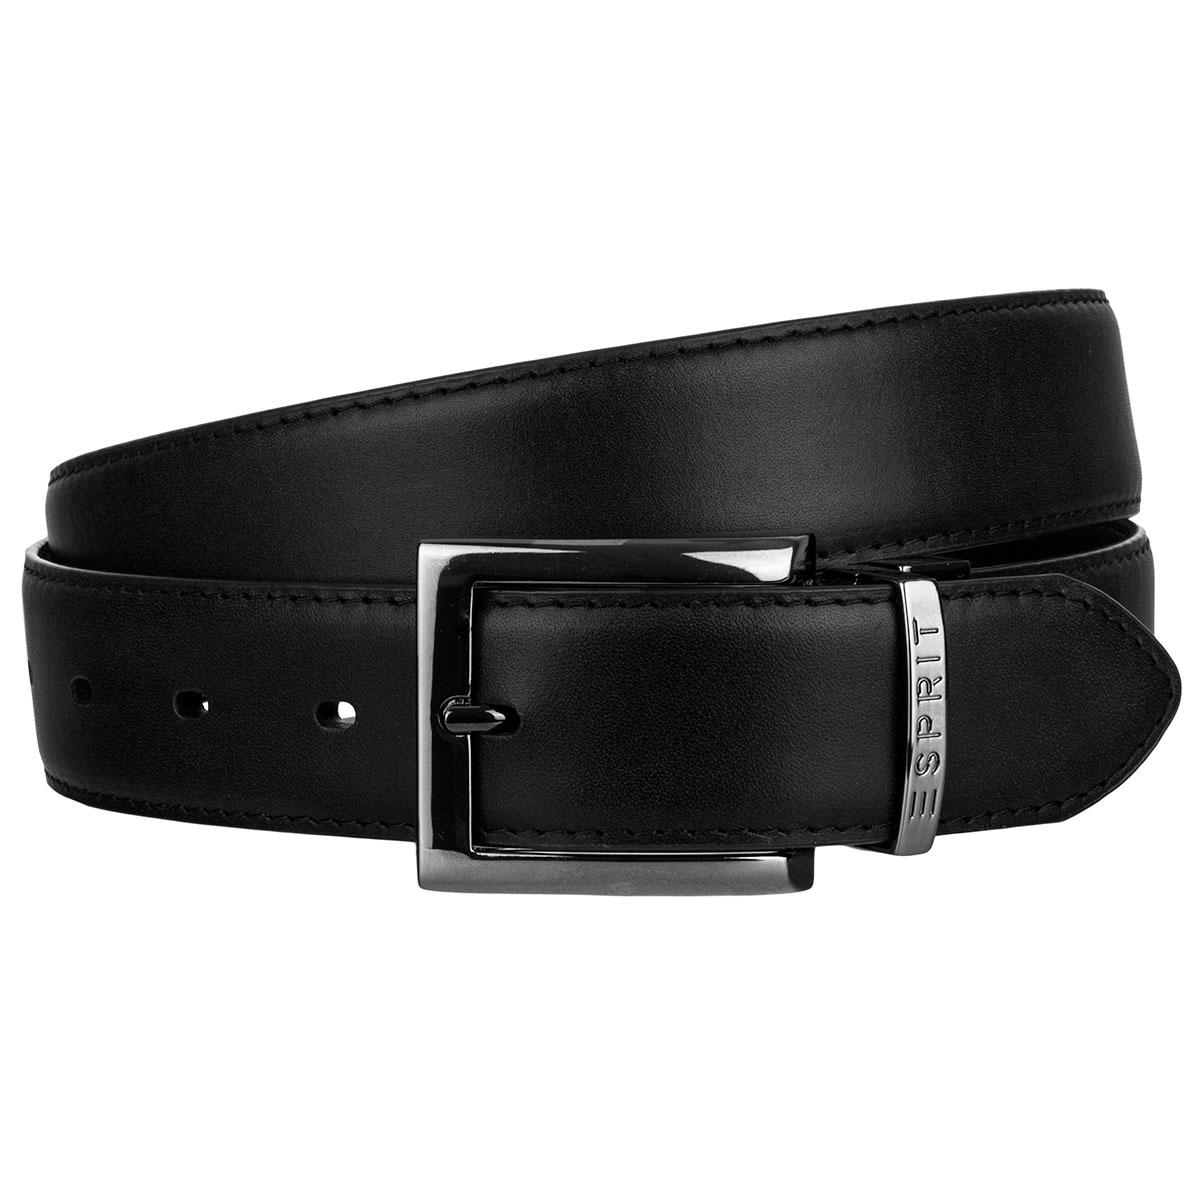 Esprit Leder Gürtel mit Dornschließe Flip Reverse Belt 058EA2S001-001